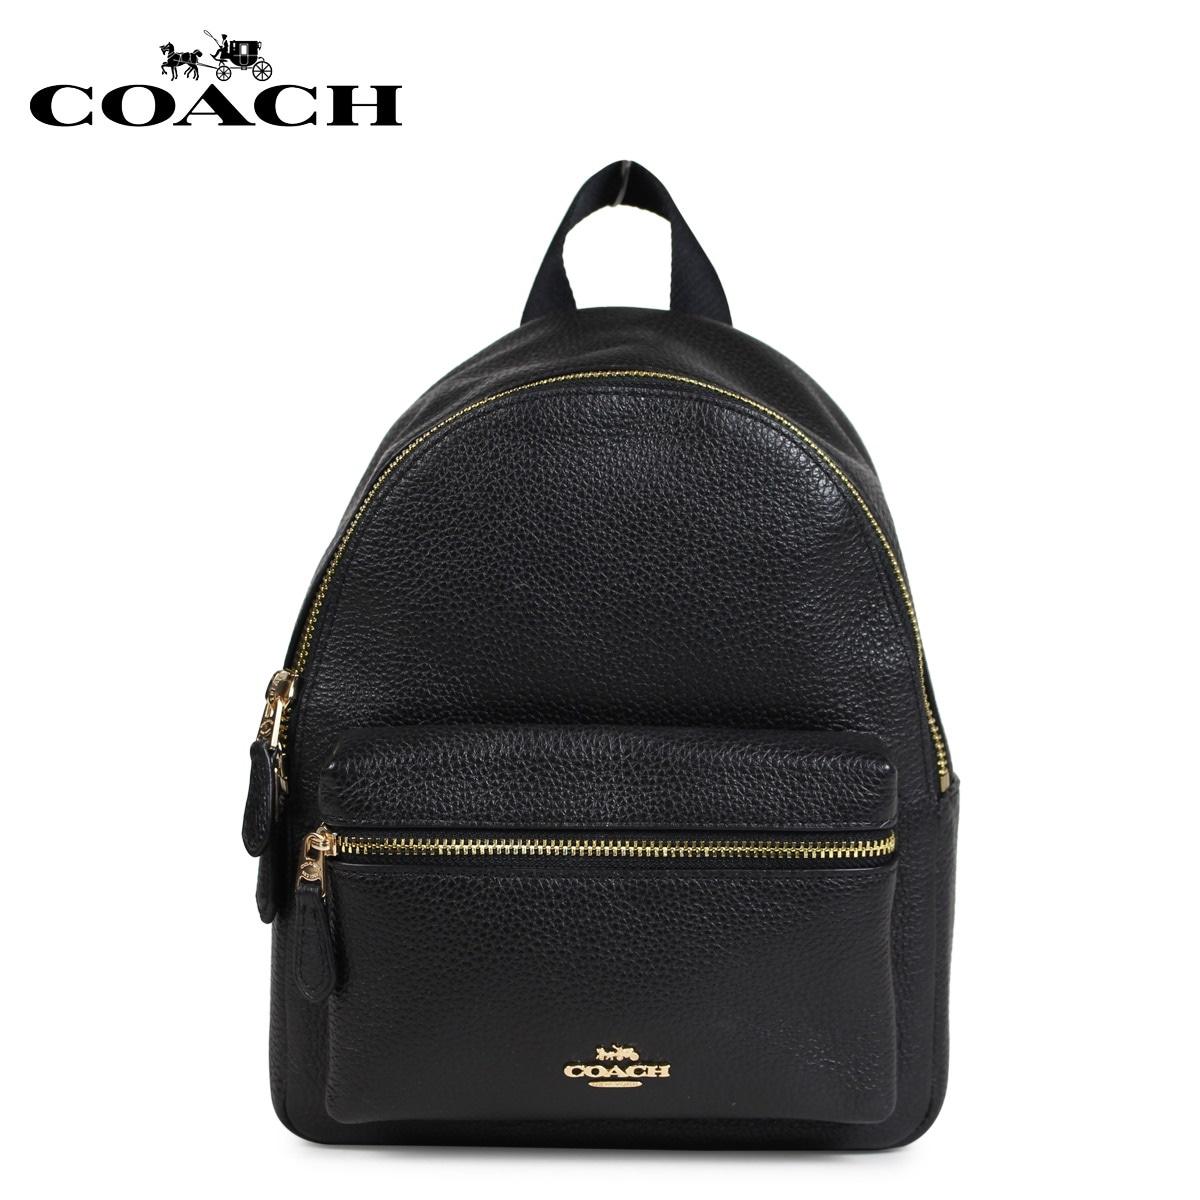 コーチ COACH バッグ リュック バックパック レディース レザー ブラック F28995